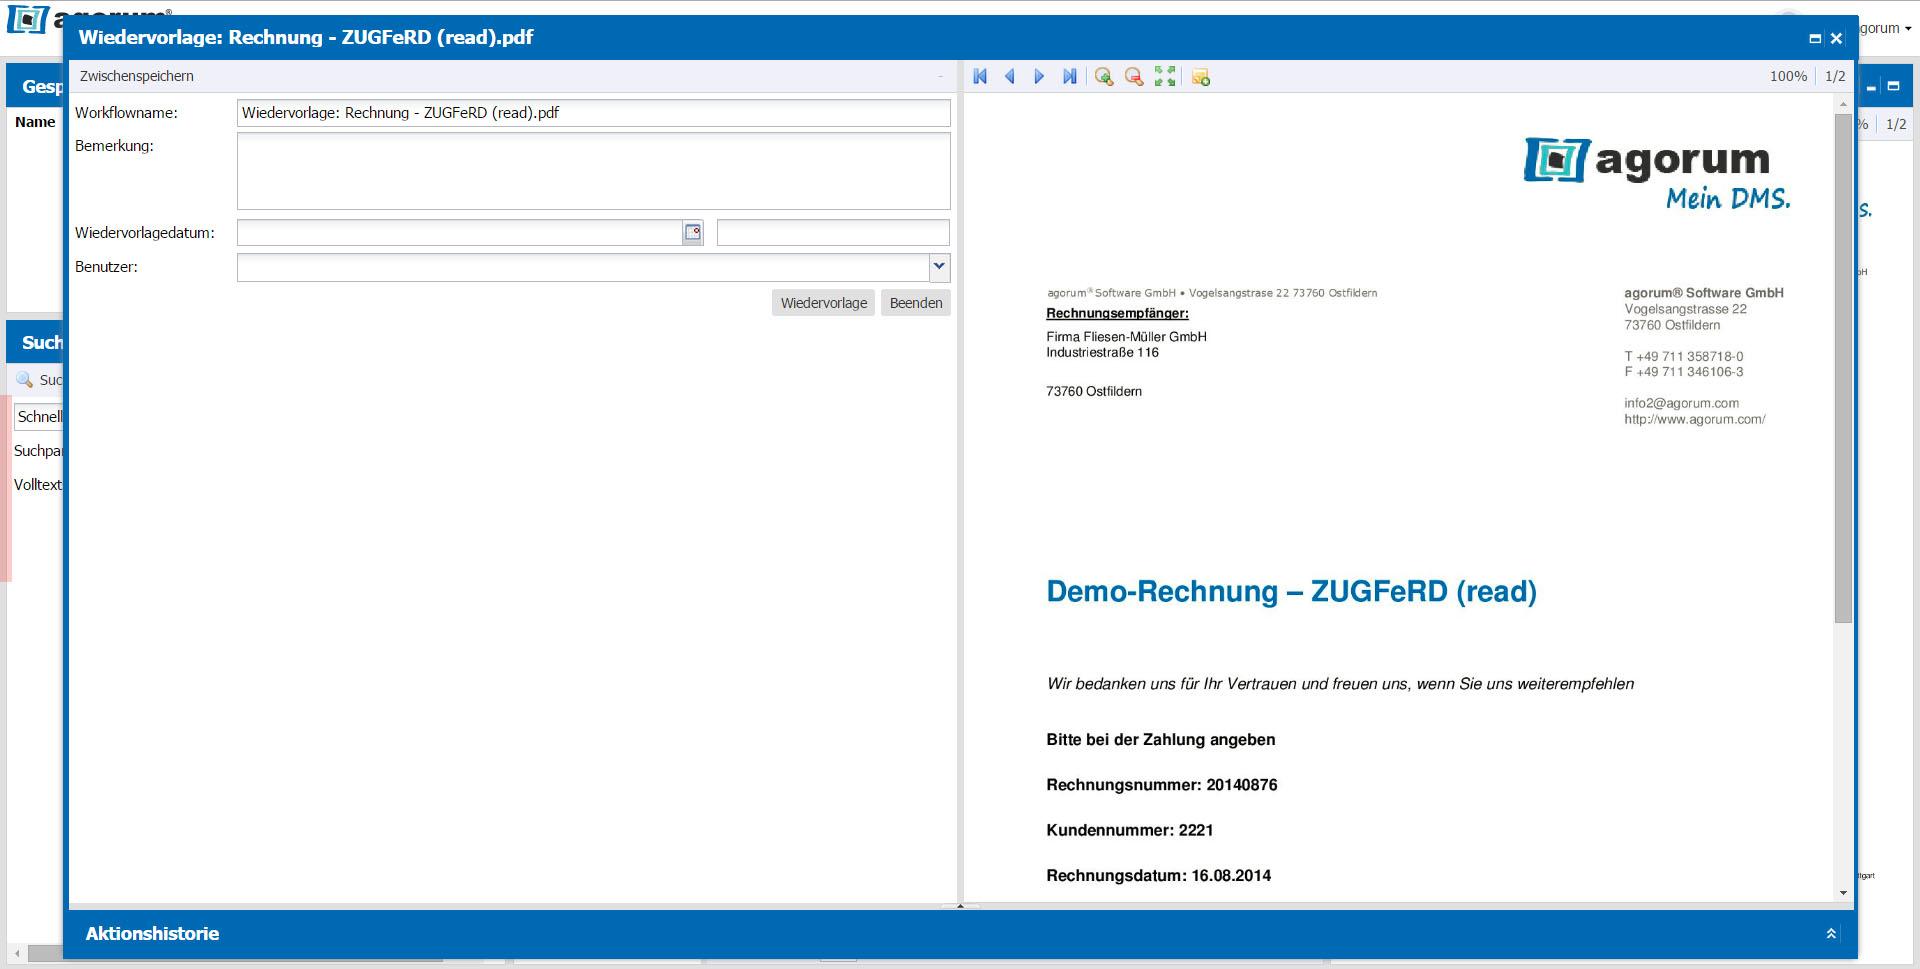 Dokumente im DMS bequem auf Wiedervorlage legen - Eingabefenster